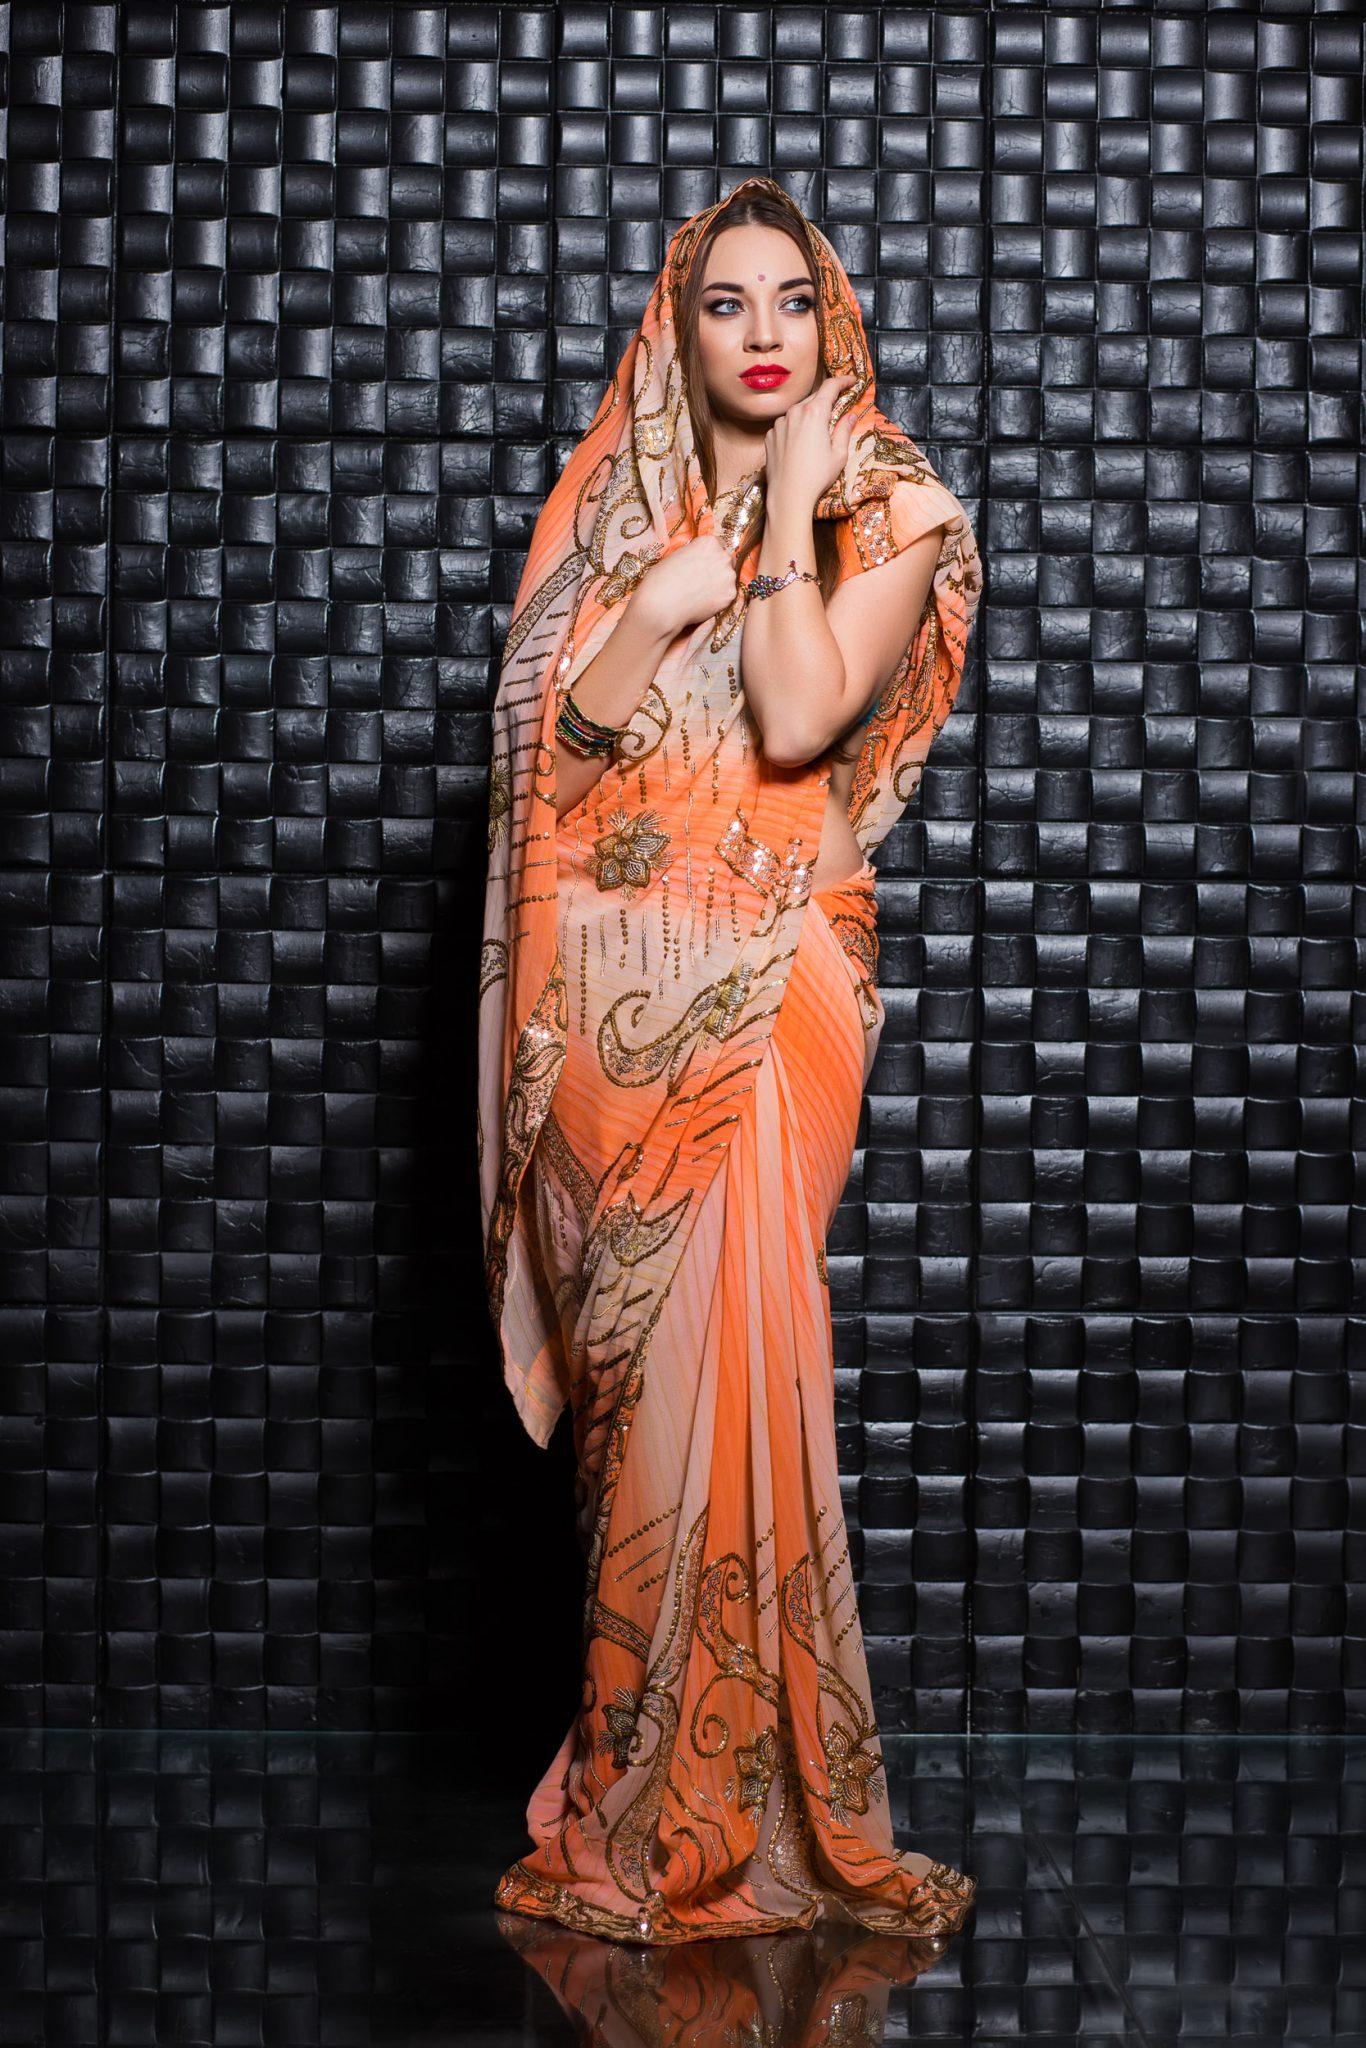 Аренда сари, модель Дарья